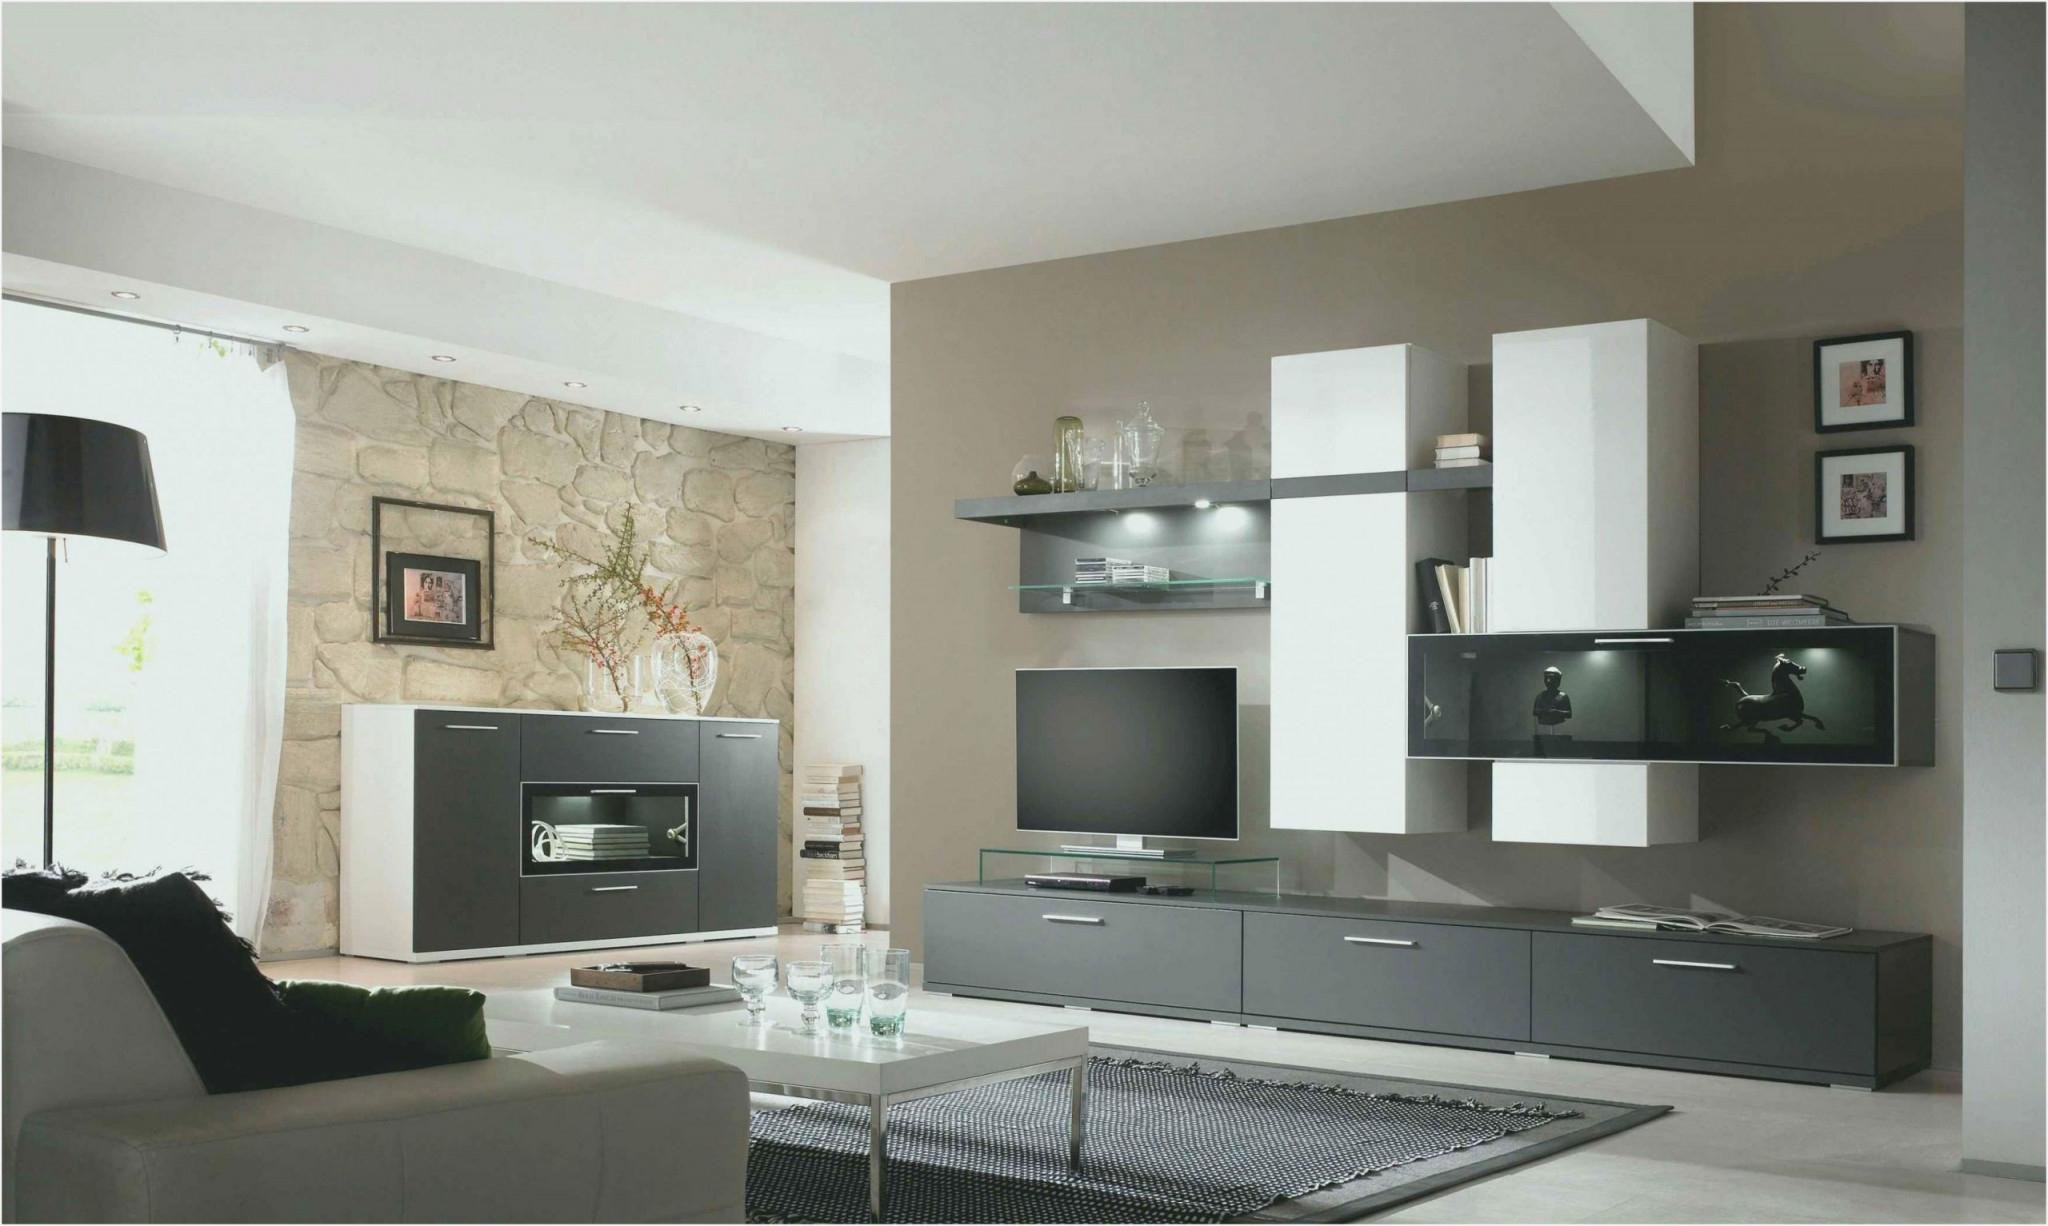 Wohnzimmer Ideen Gelb Grau – Caseconrad von Wohnzimmer Gestalten Grau Weiss Bild